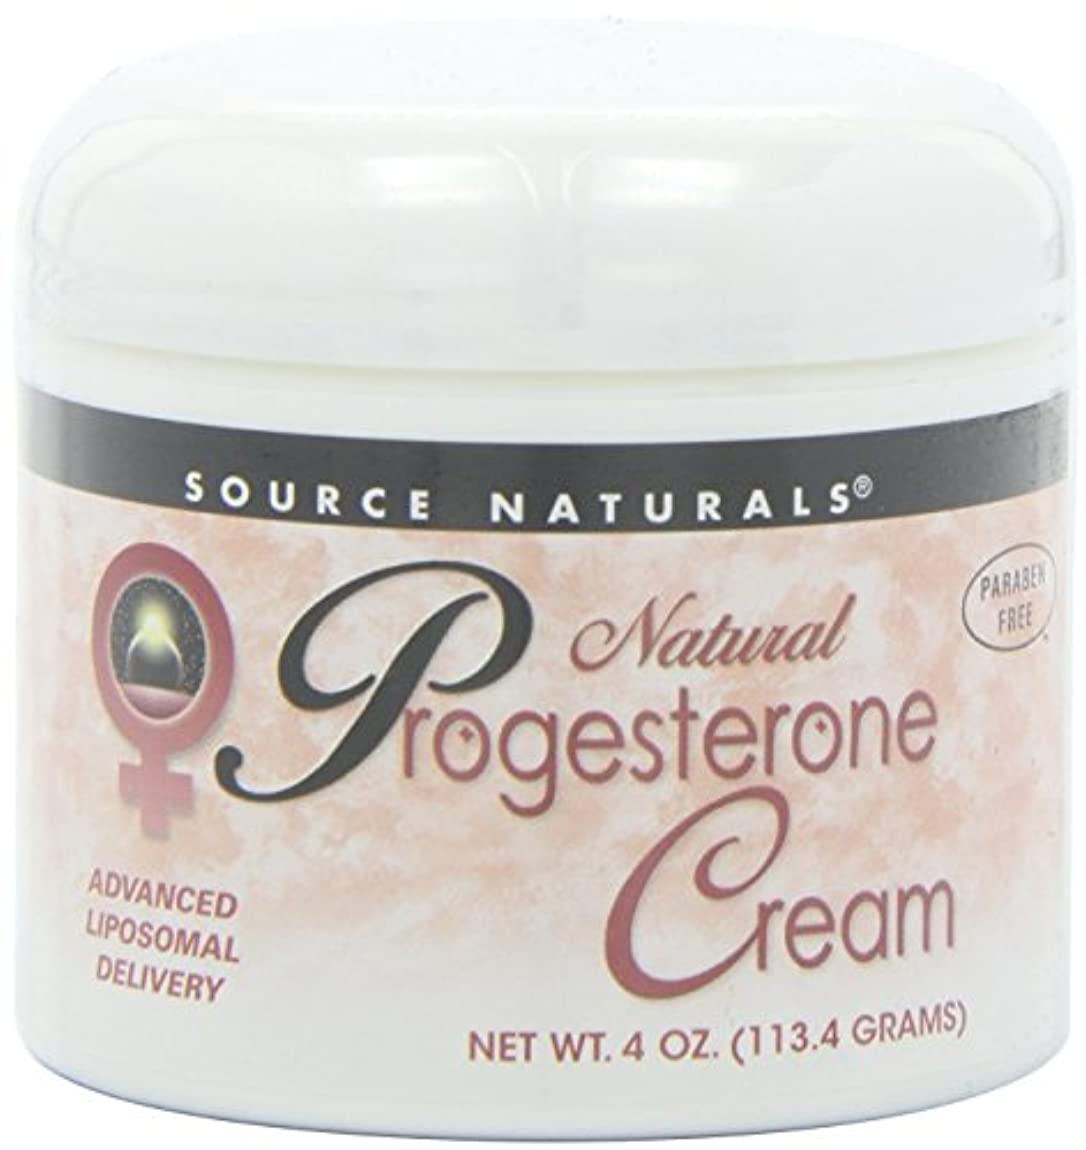 かんたんアプローチ要旨Source Naturals Natural Progesterone Cream, 4 Ounce (113.4 g) クリーム 並行輸入品 [並行輸入品]